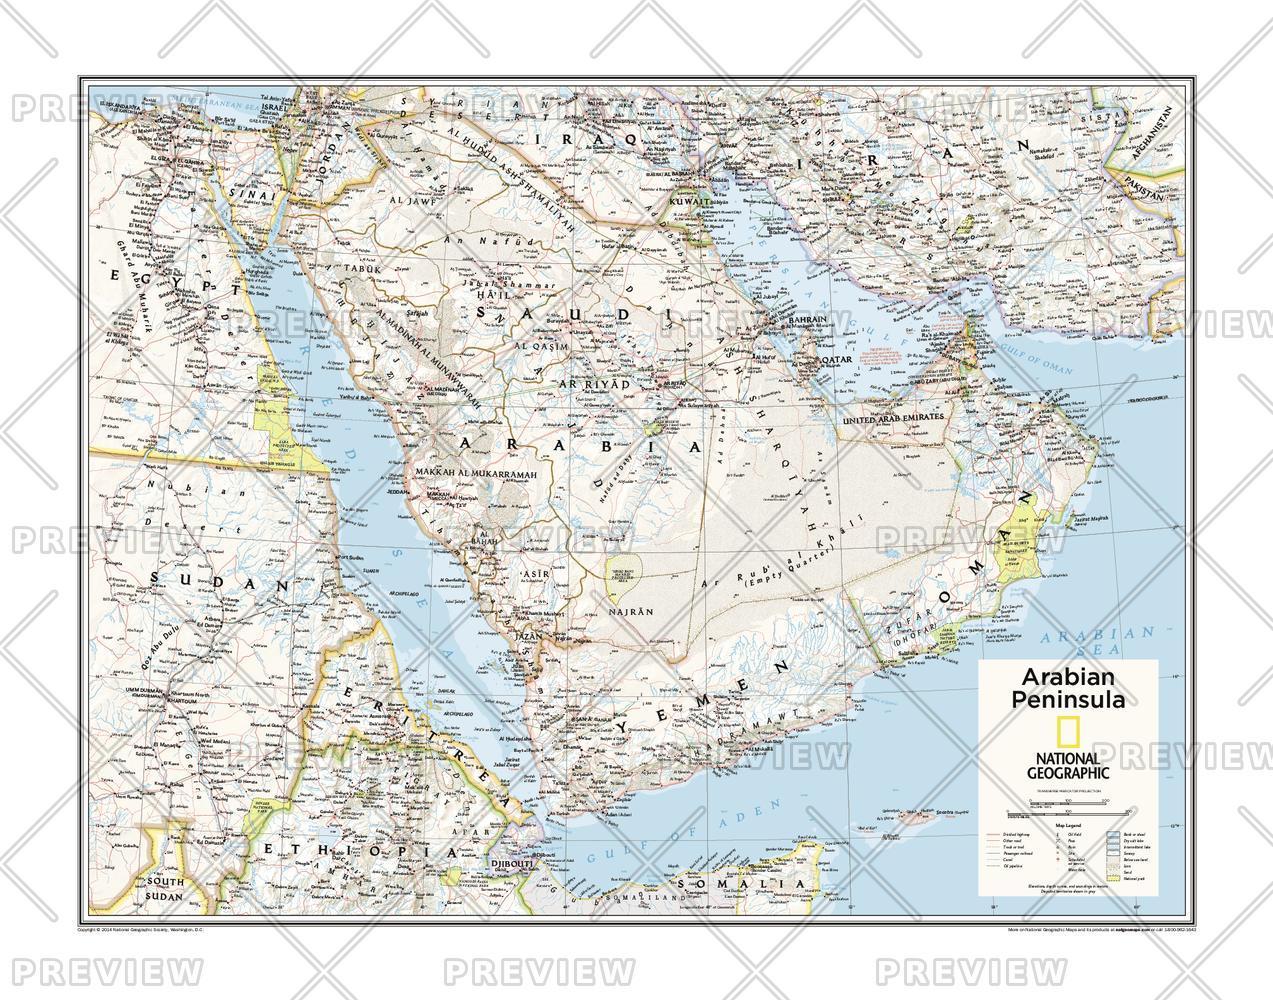 Arabian Peninsula Wall Map